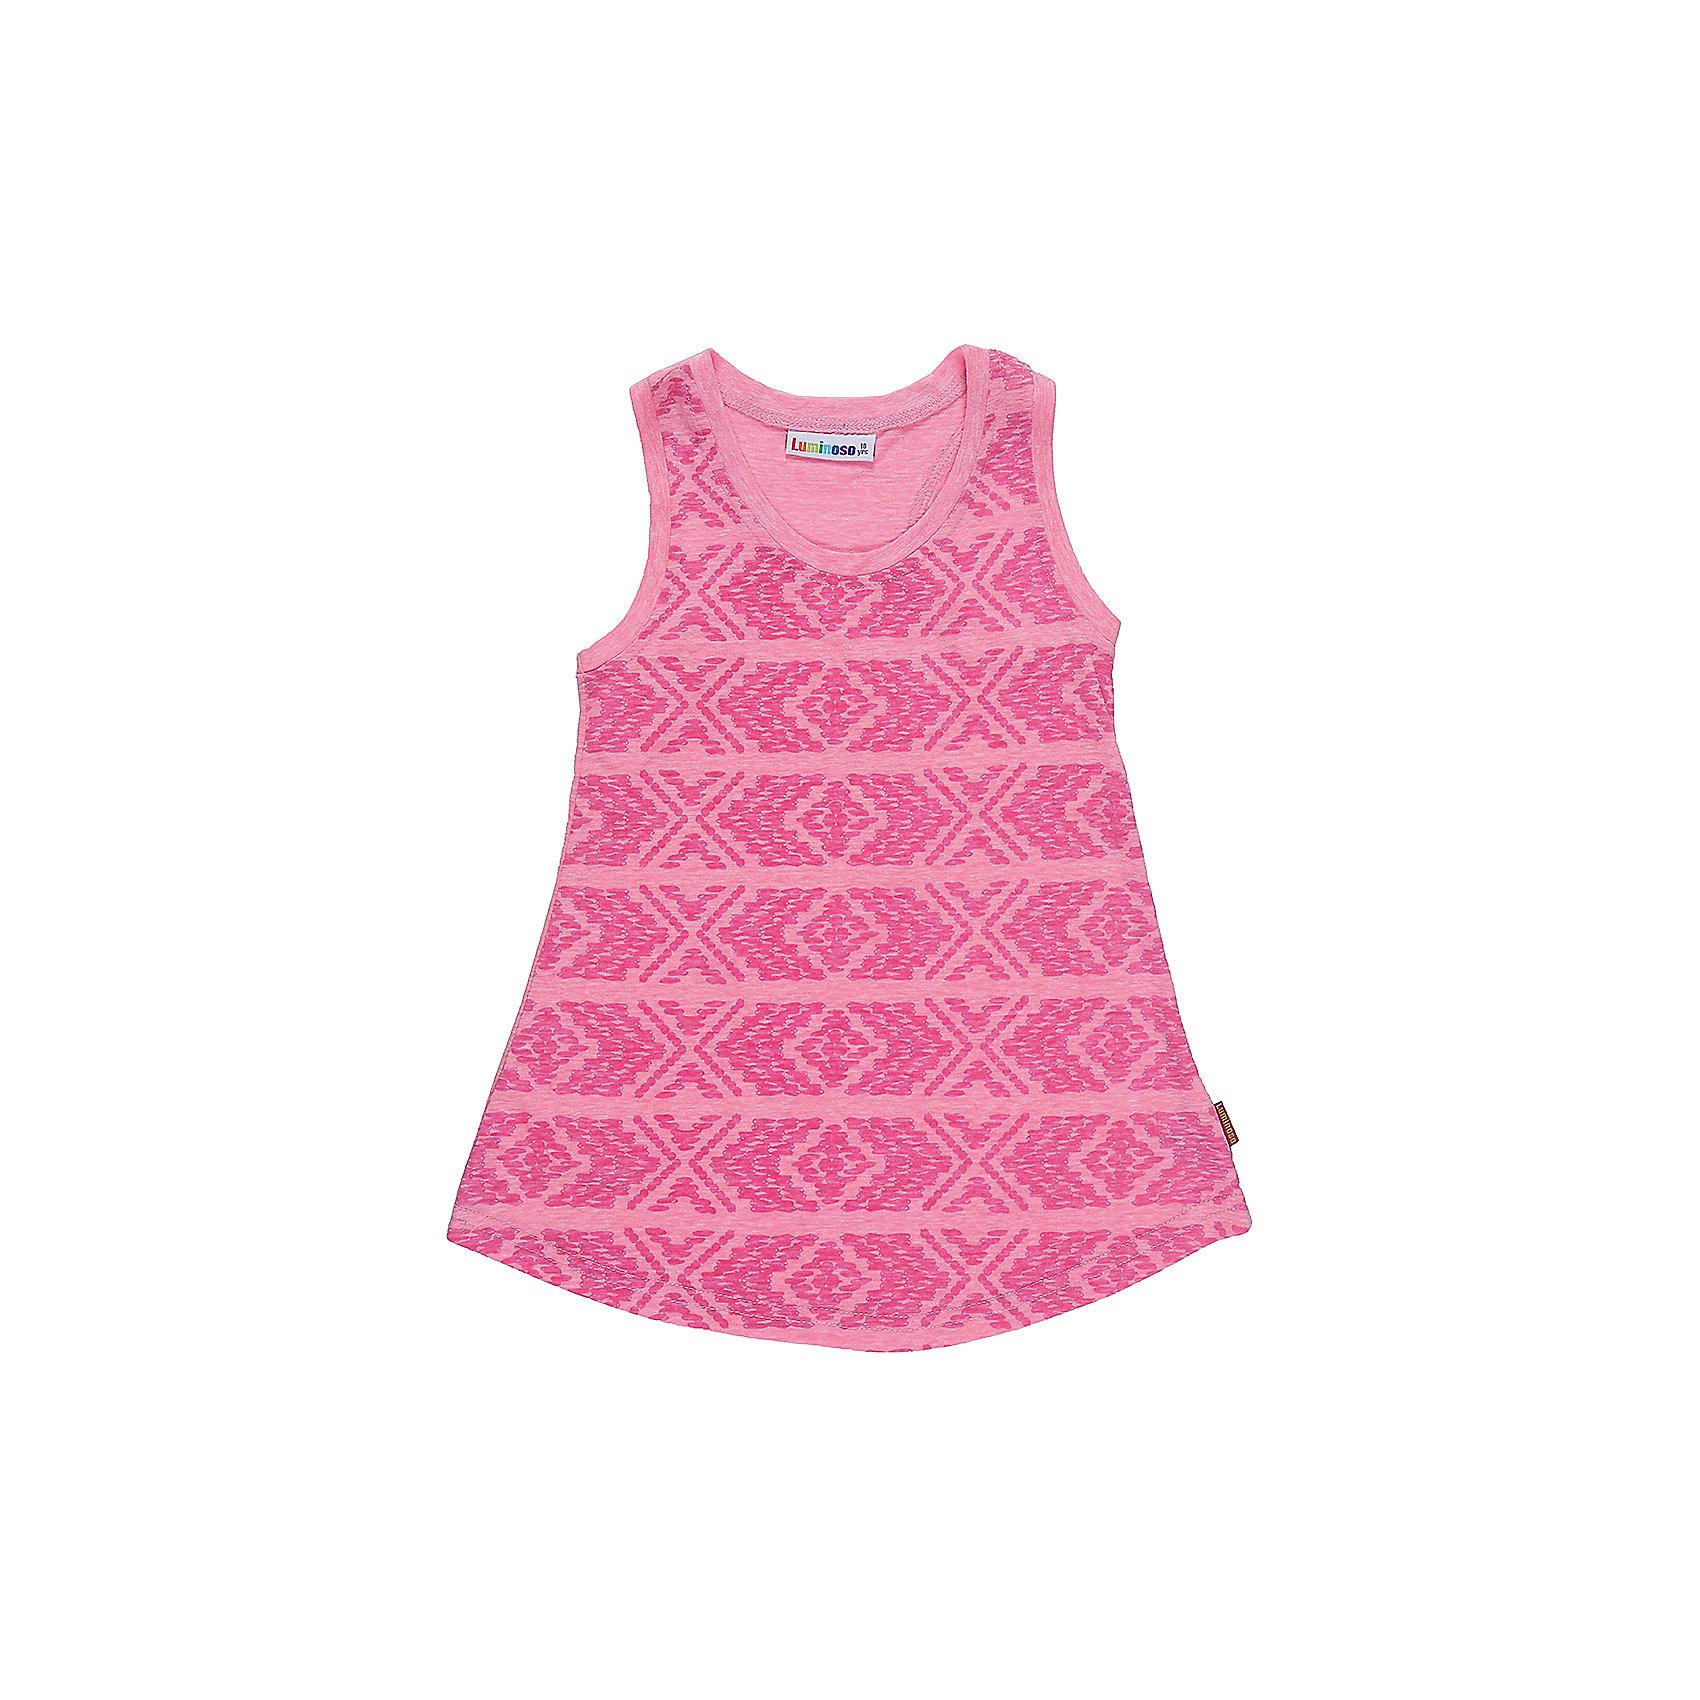 Майка для девочки LuminosoТрикотажная майка-топ для девочки из принтованной ткани. Приталенный крой.<br>Состав:<br>45%вискоза 15%хлопок 40%полиэстер<br><br>Ширина мм: 199<br>Глубина мм: 10<br>Высота мм: 161<br>Вес г: 151<br>Цвет: розовый<br>Возраст от месяцев: 96<br>Возраст до месяцев: 108<br>Пол: Женский<br>Возраст: Детский<br>Размер: 134,140,146,152,158,164<br>SKU: 5413746